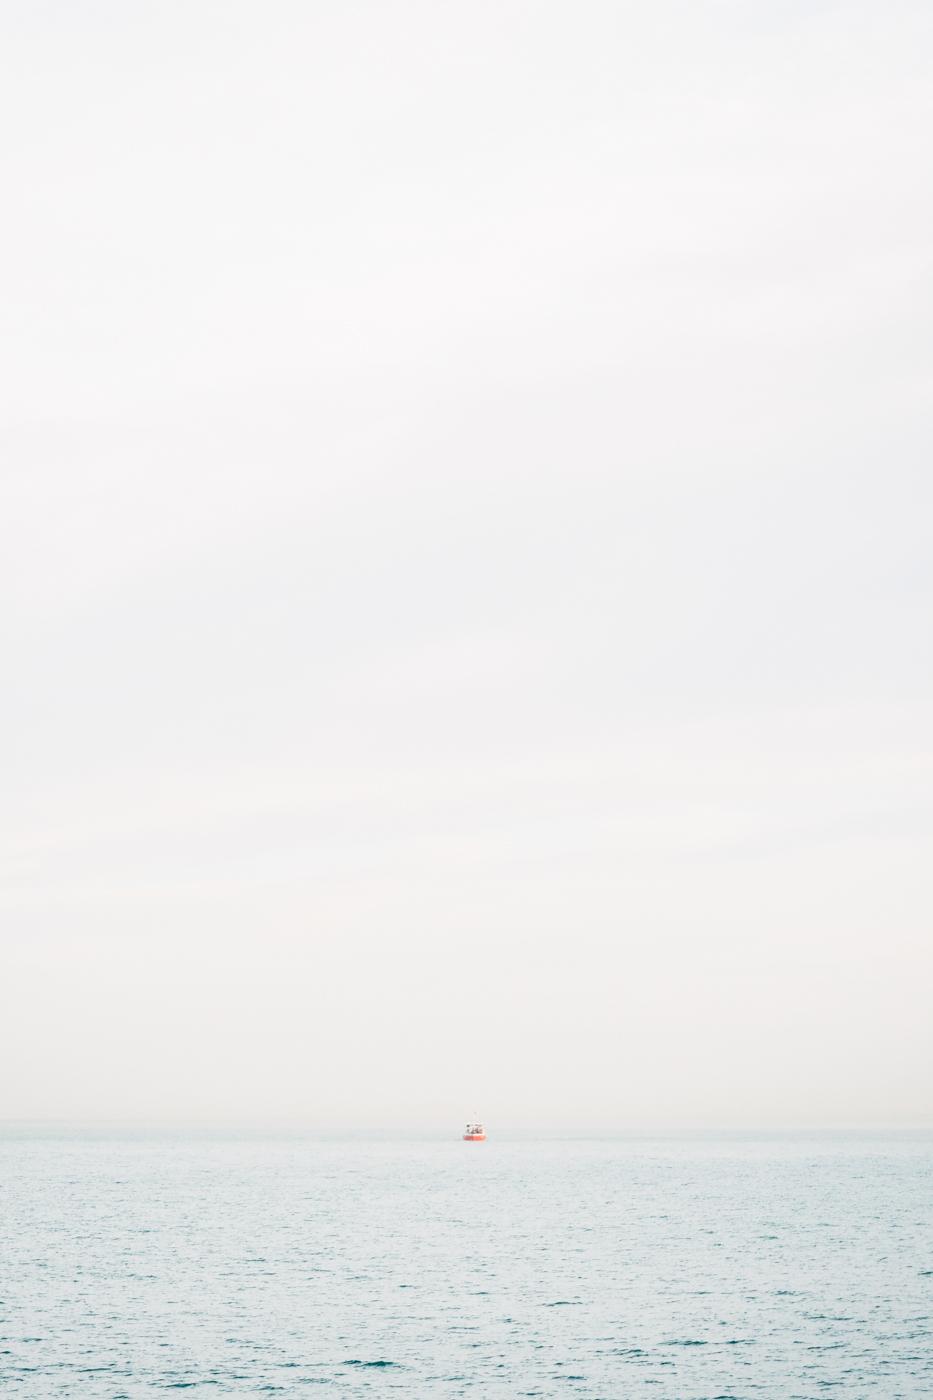 Adrien_Ballanger_Alter-View_10.jpg